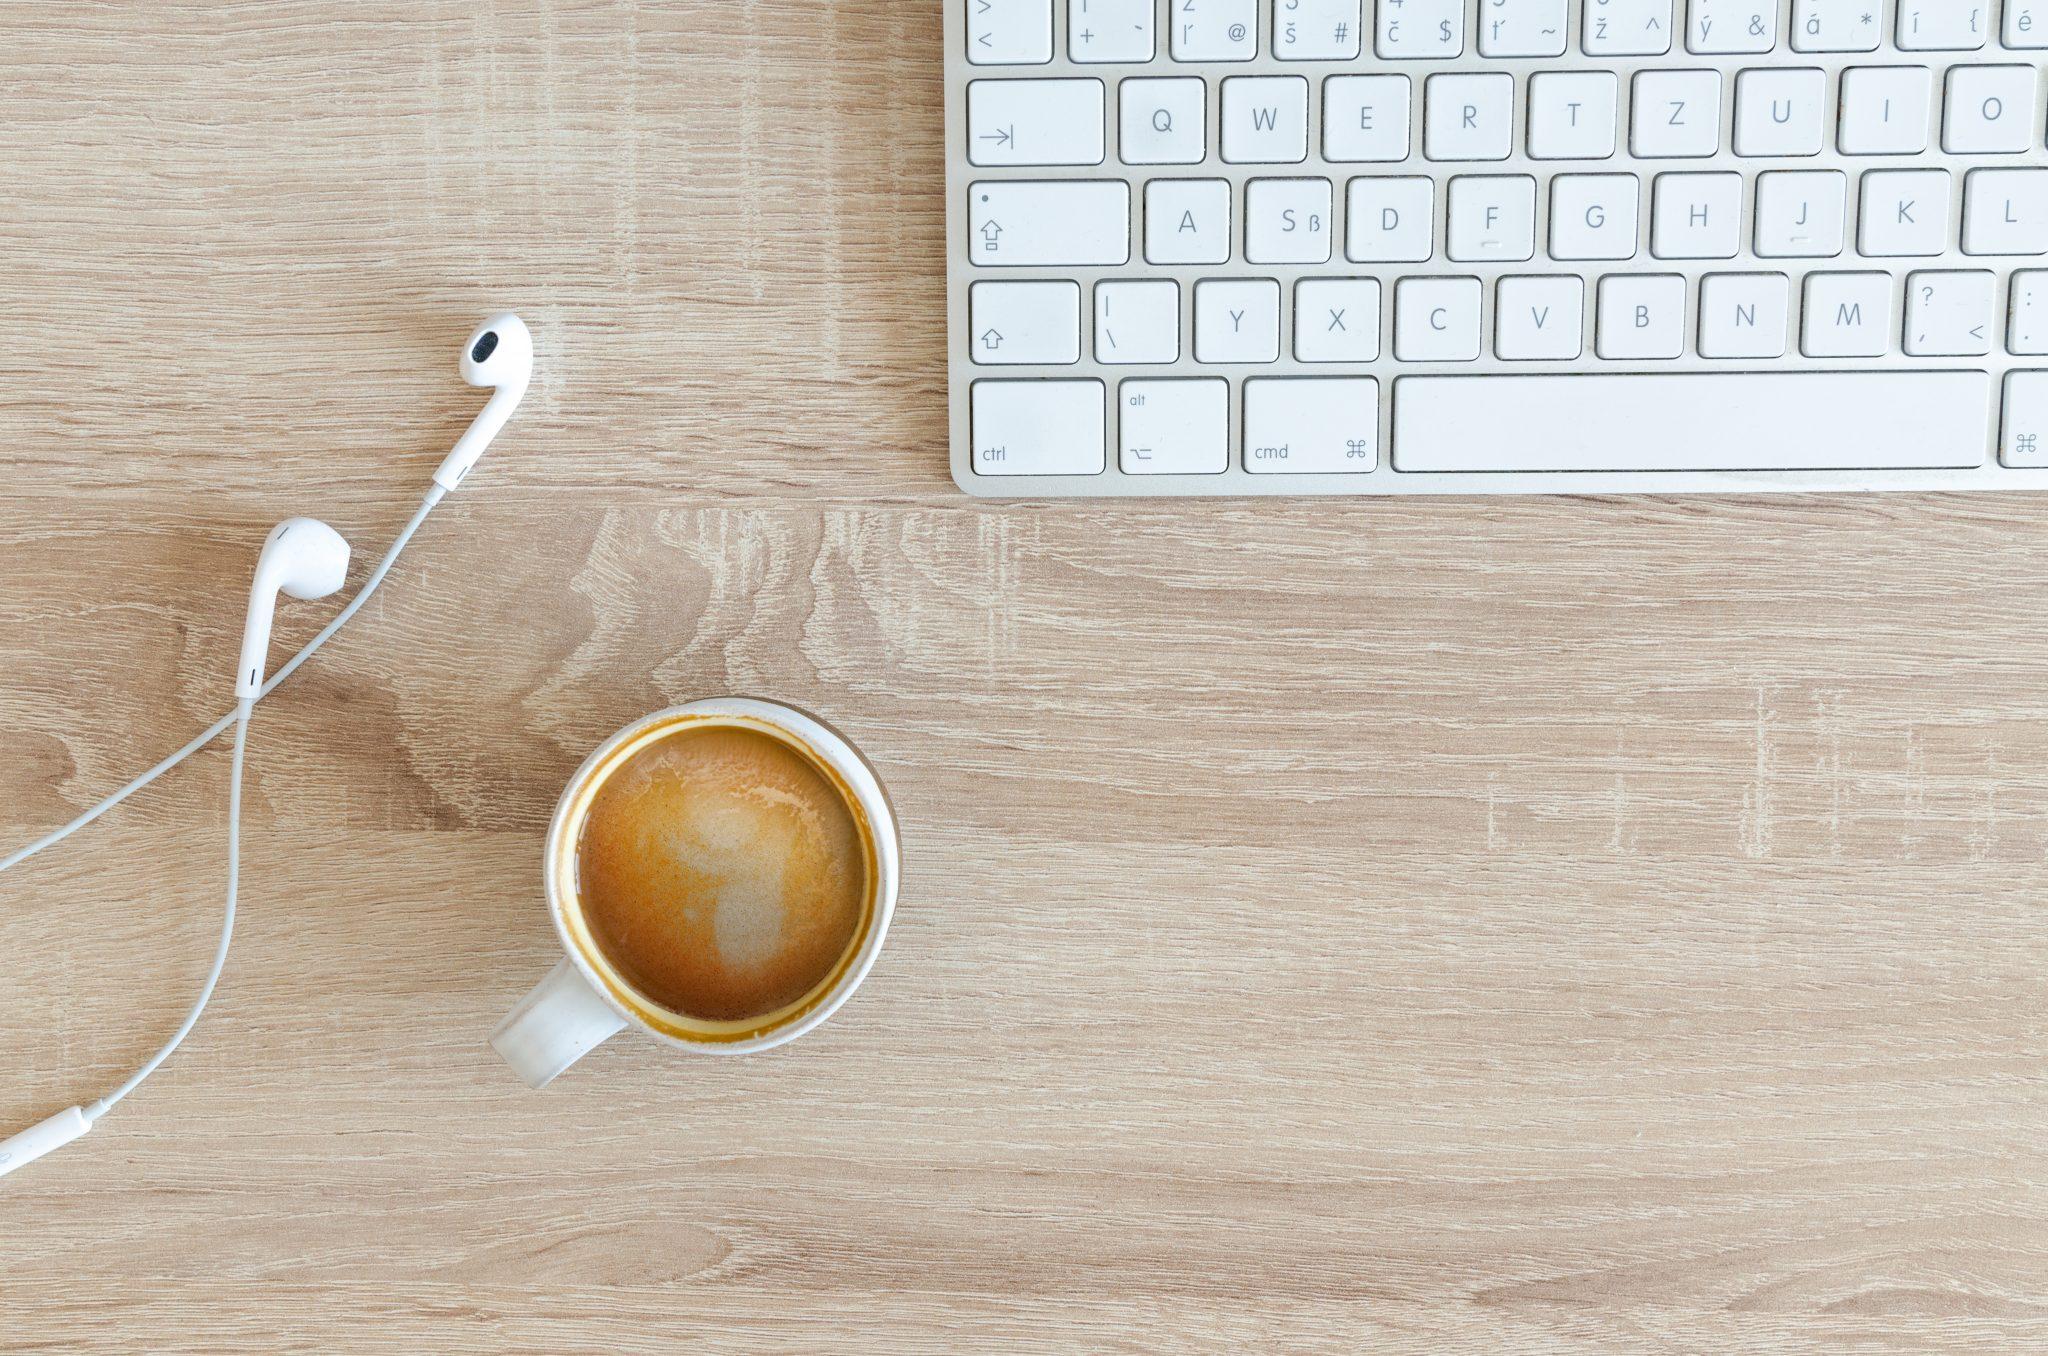 Kaffee, Kabel und Tastatur – da sind Unfälle programmiert.